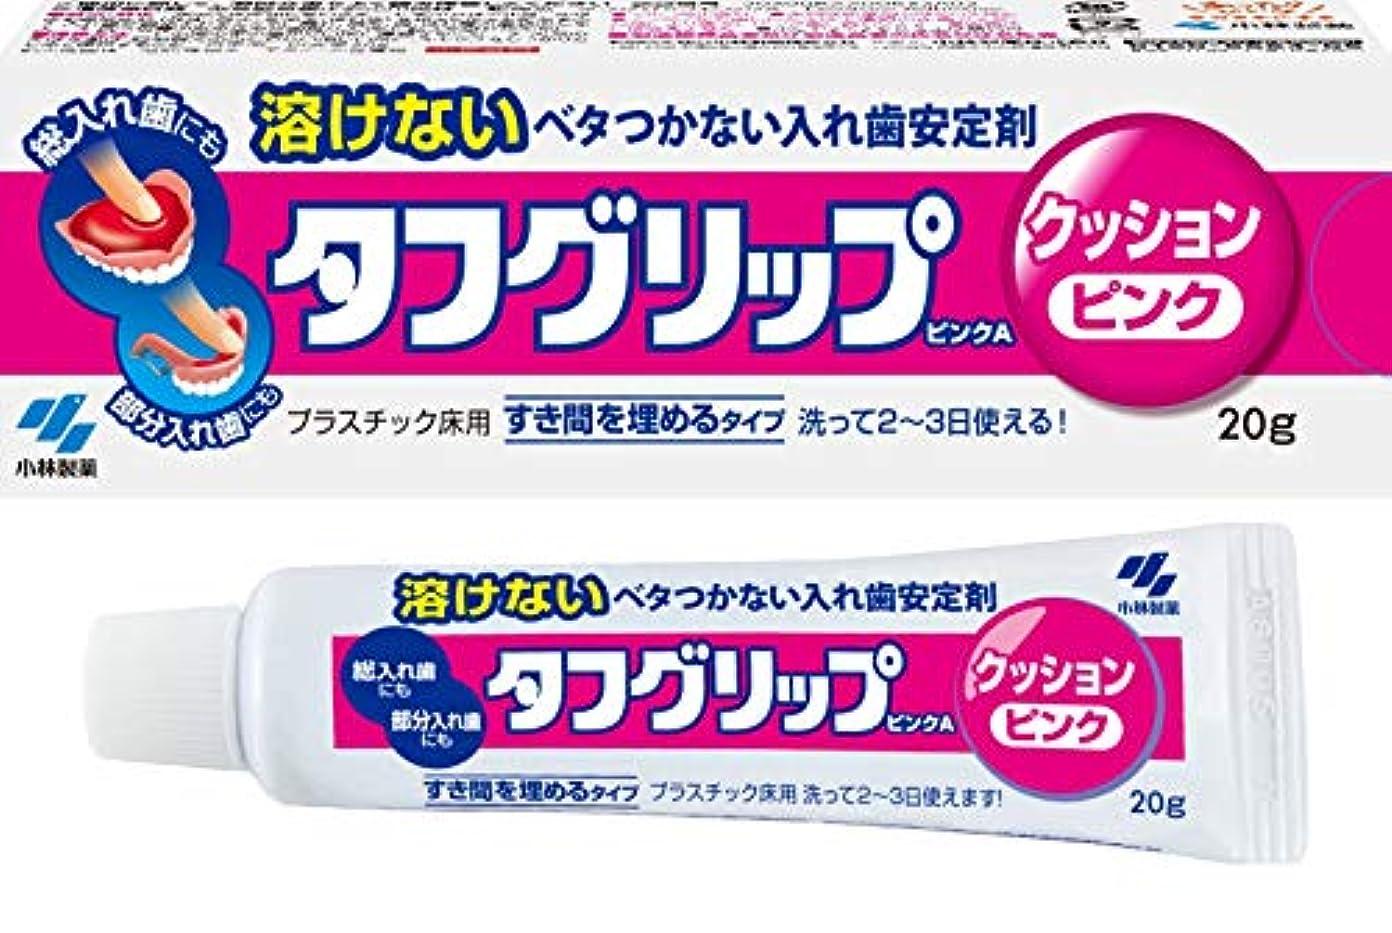 子供達ホールド供給タフグリップクッション ピンク 入れ歯安定剤(総入れ歯?部分入れ歯) 20g